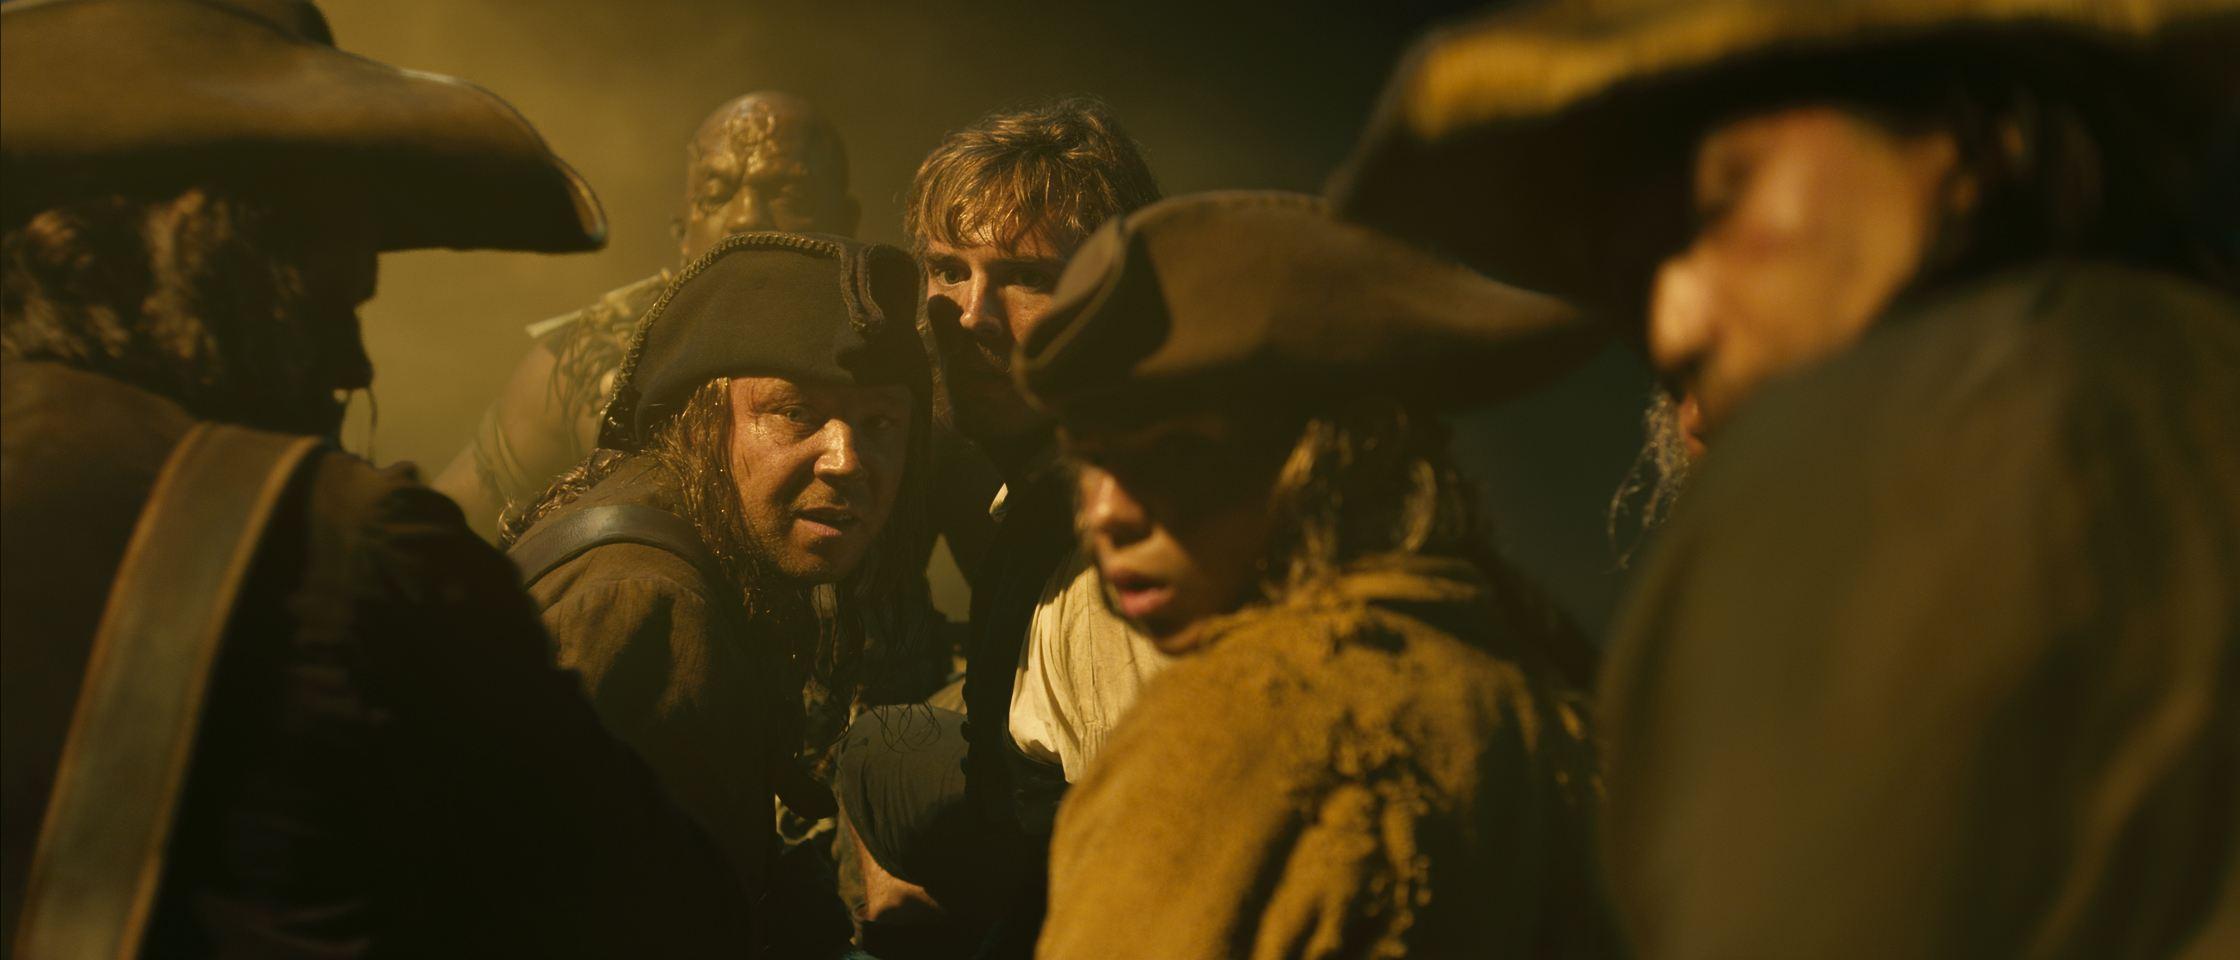 кадры из фильма Пираты Карибского моря: На странных берегах Диобия Оперей, Стивен Грэм, Сэм Клафлин, Робби Кэй,